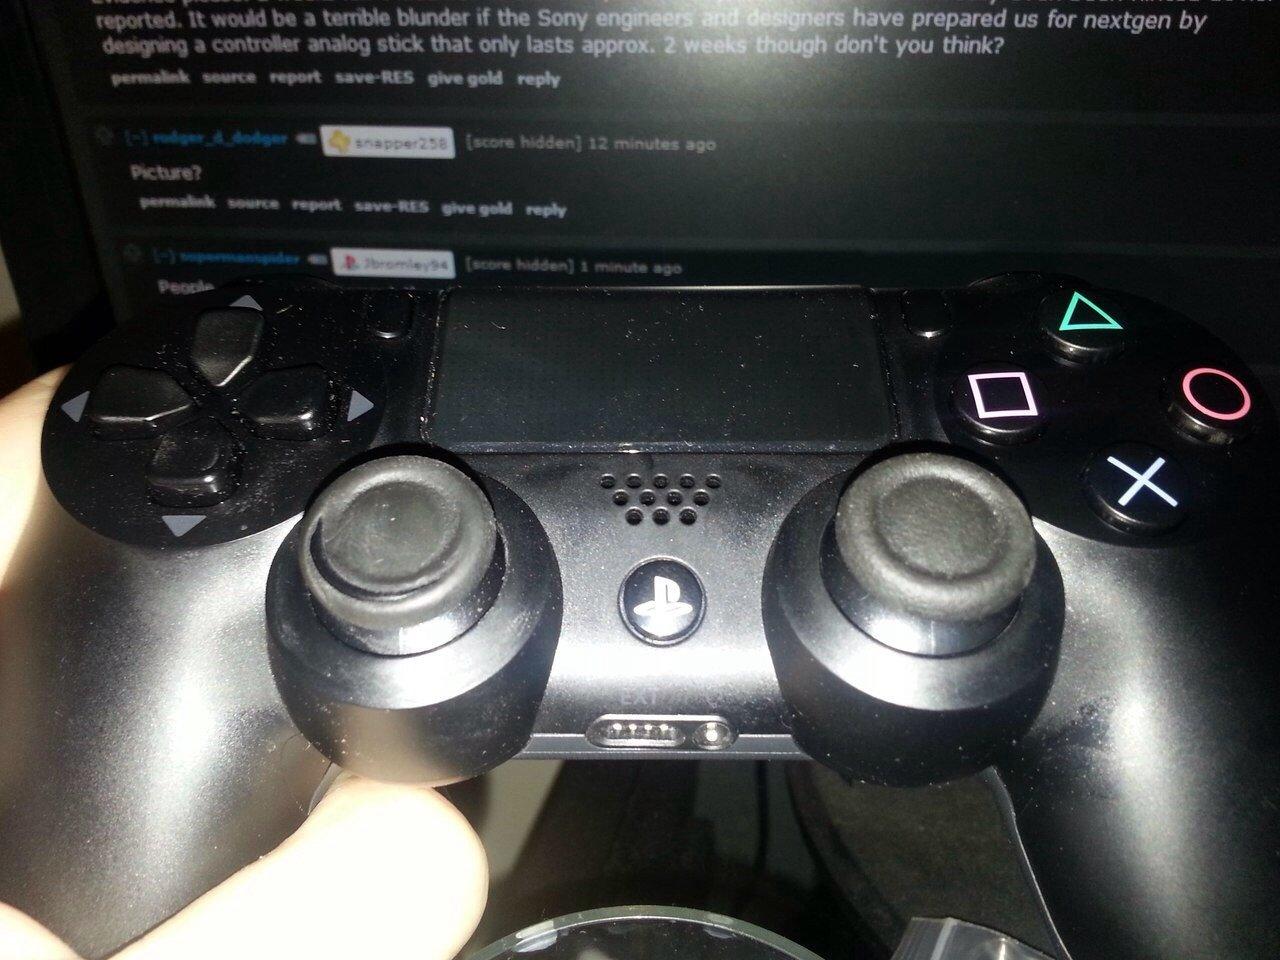 Небольшие проблемы Dualshock 4  На Neogaf появился топик, посвященный проблеме Dualshock 4, связанной с тем, что рез ... - Изображение 1